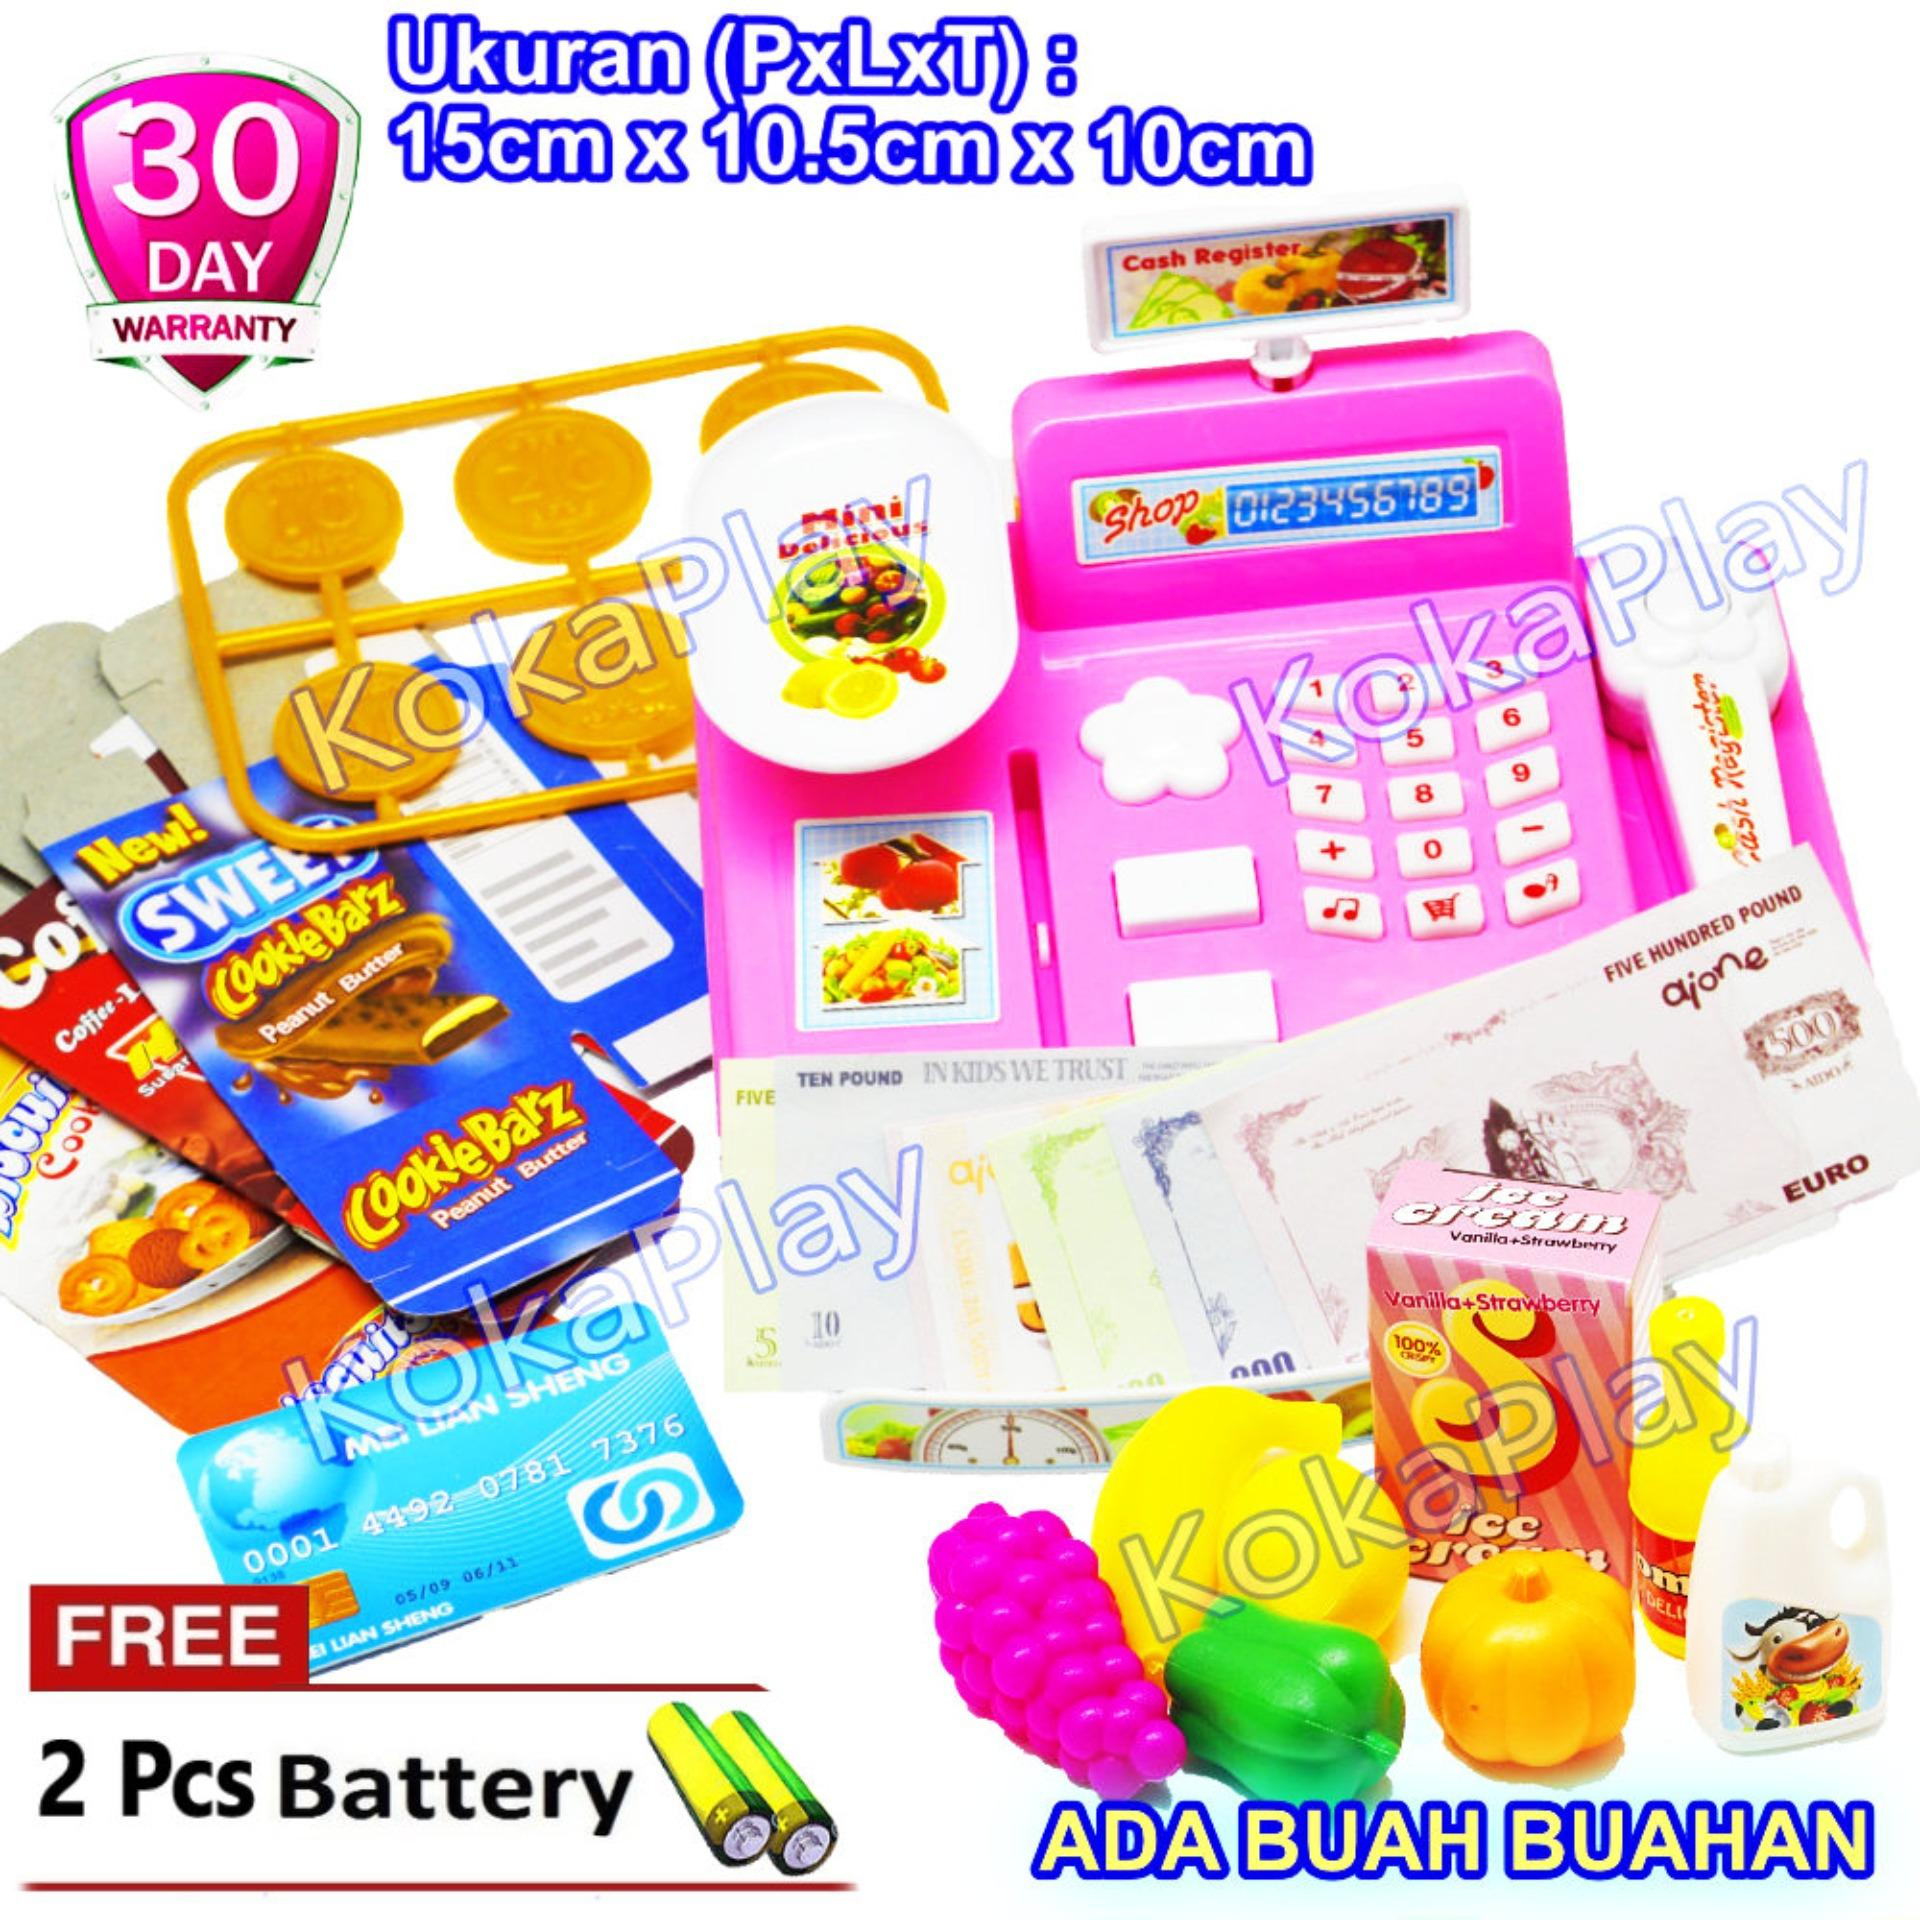 KokaPlay Cash Register Princess Barbie 3138A Mainan Anak Edukasi Laki Laki Perempuan Kasir Kasiran Keranjang Buah Buahan Belanja + Free 2 Baterai